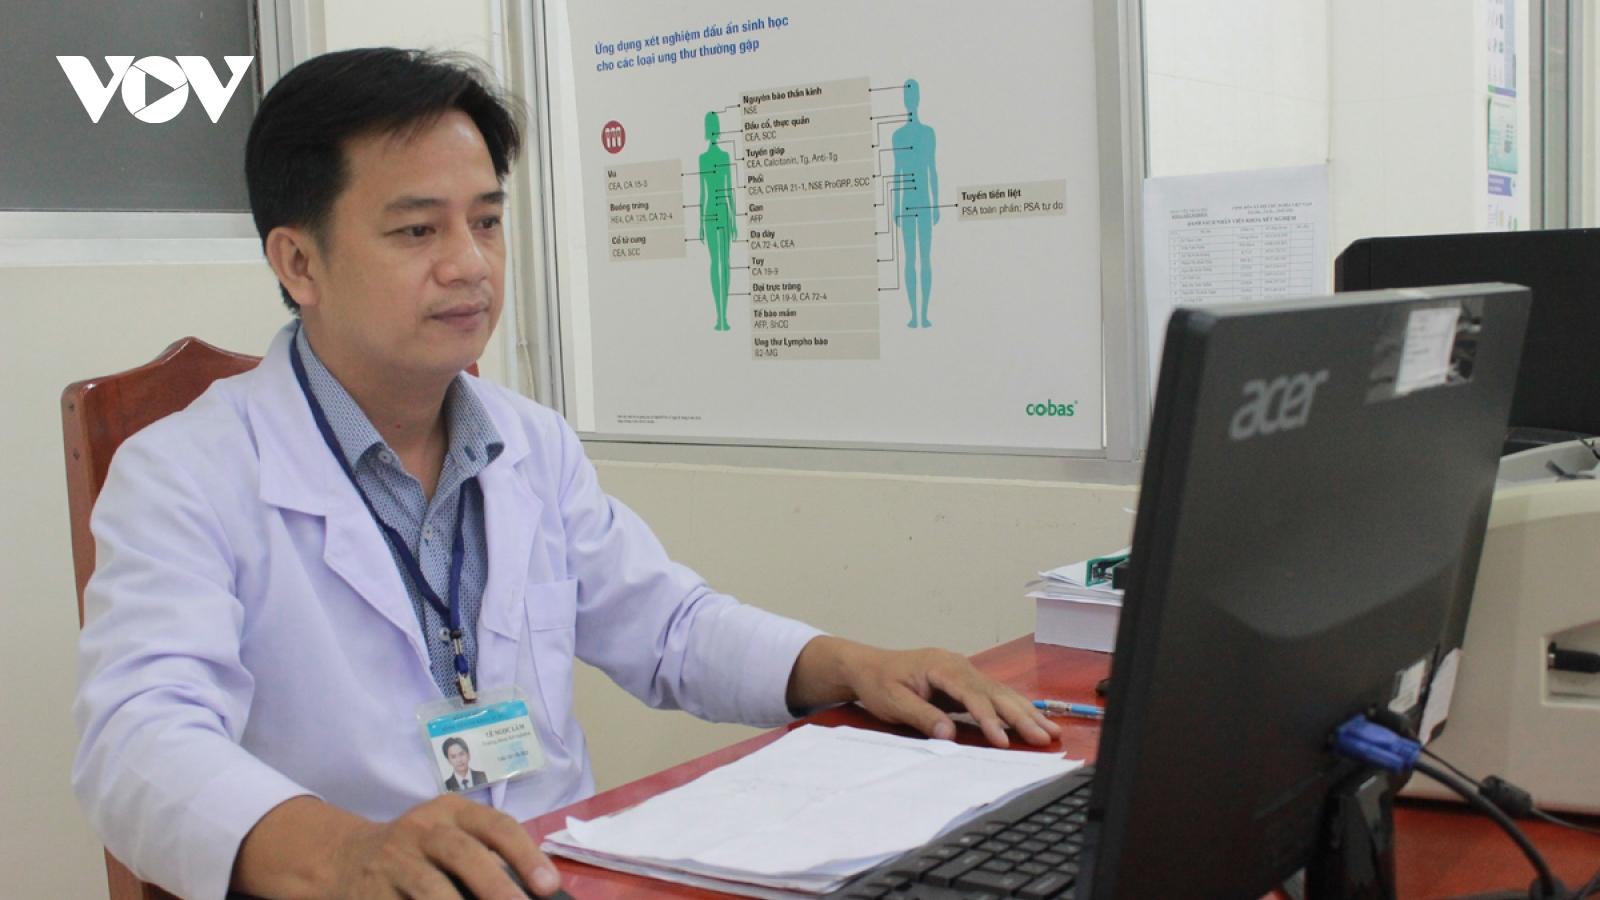 Bác sĩ với sáng chế robot chăm sóc bệnh nhân nhiễm Covid-19